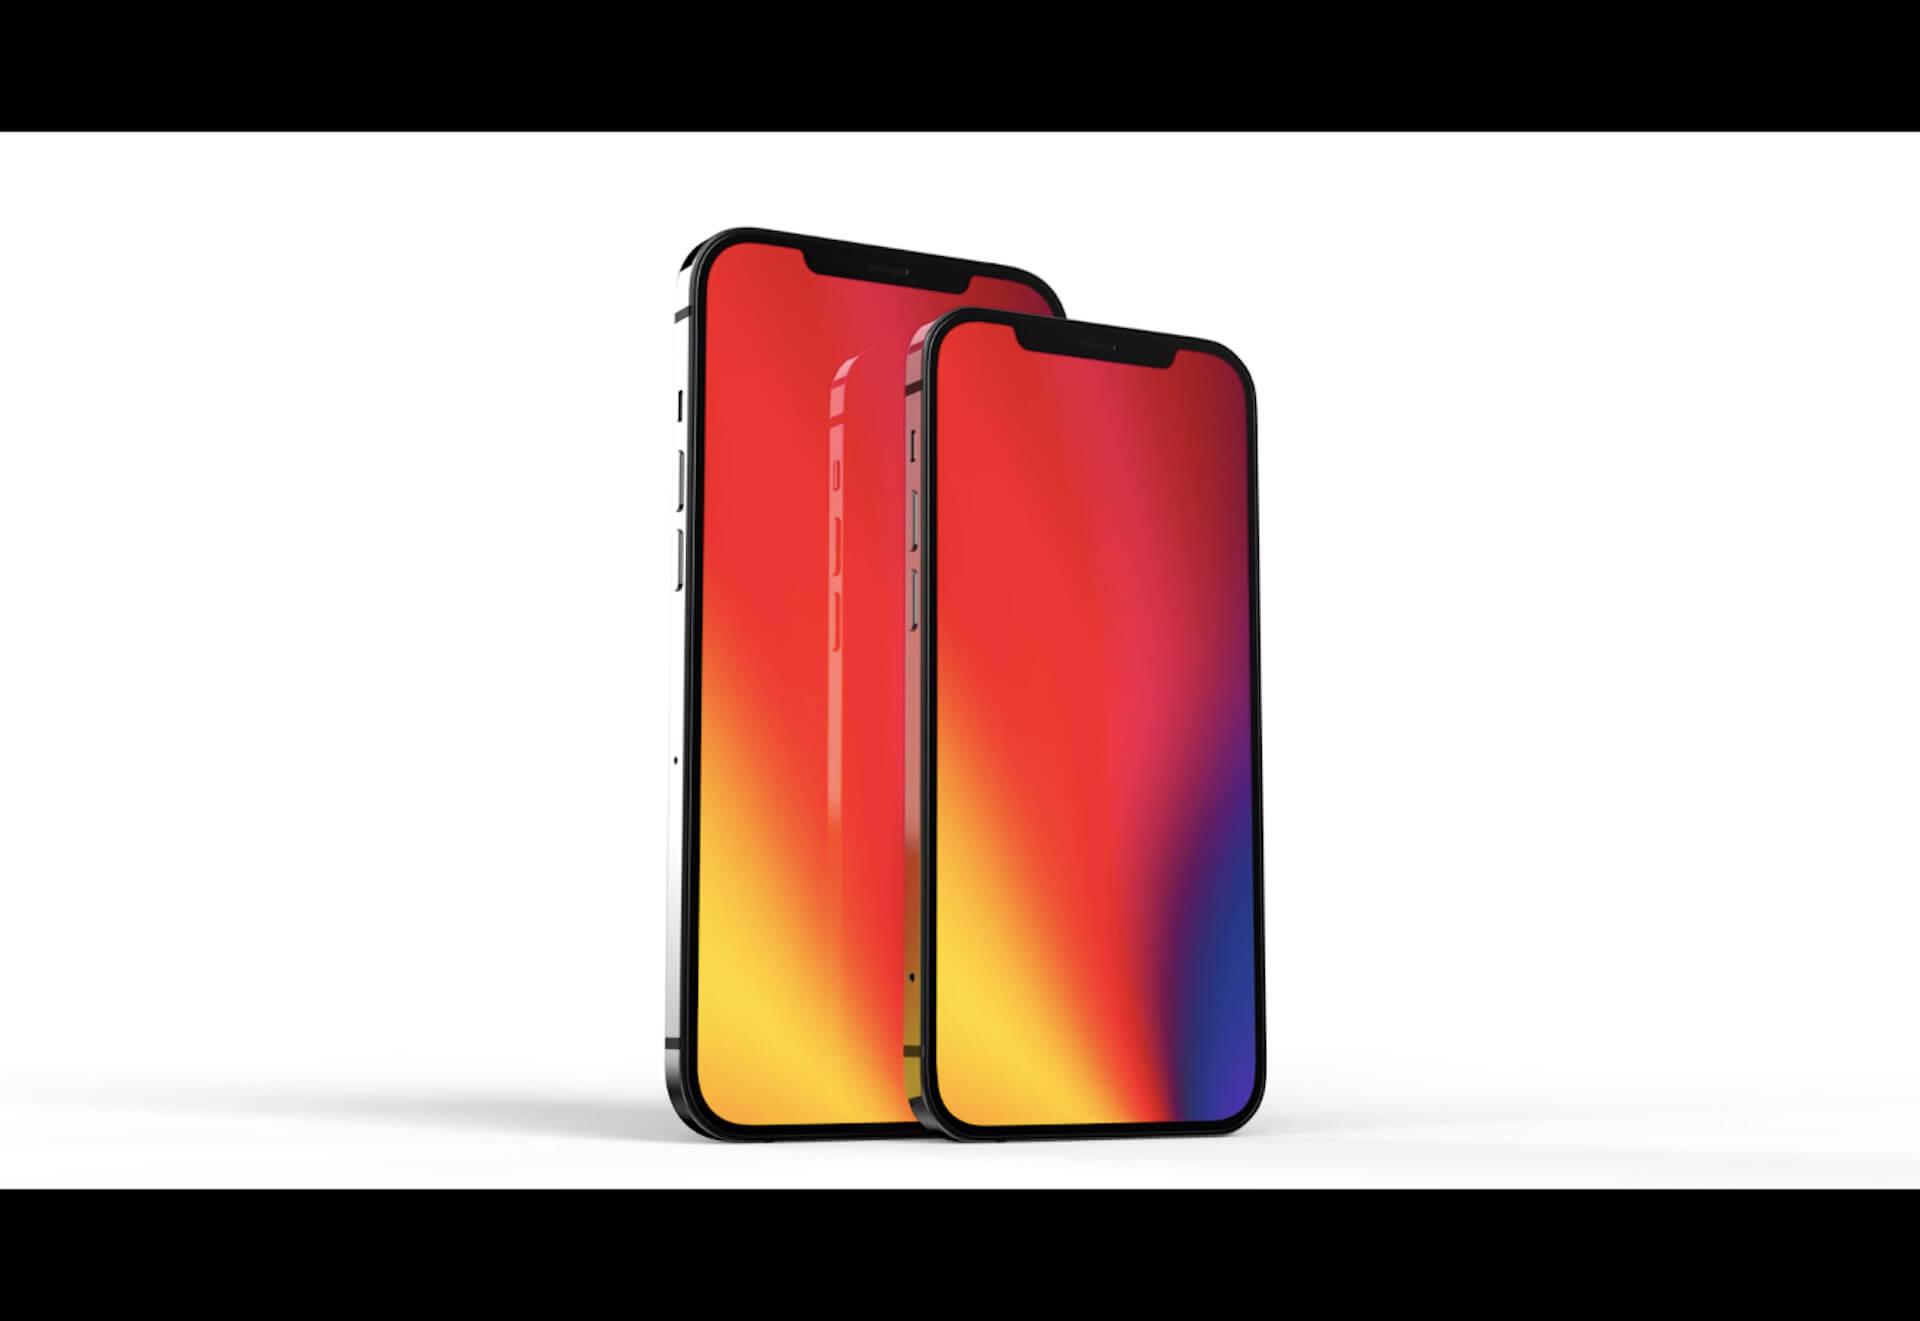 iPhone 13で指紋認証できるタッチスクリーンを採用?プロトタイプで画面下Touch ID搭載の2モデルを開発中か tech201214_iphone13_main